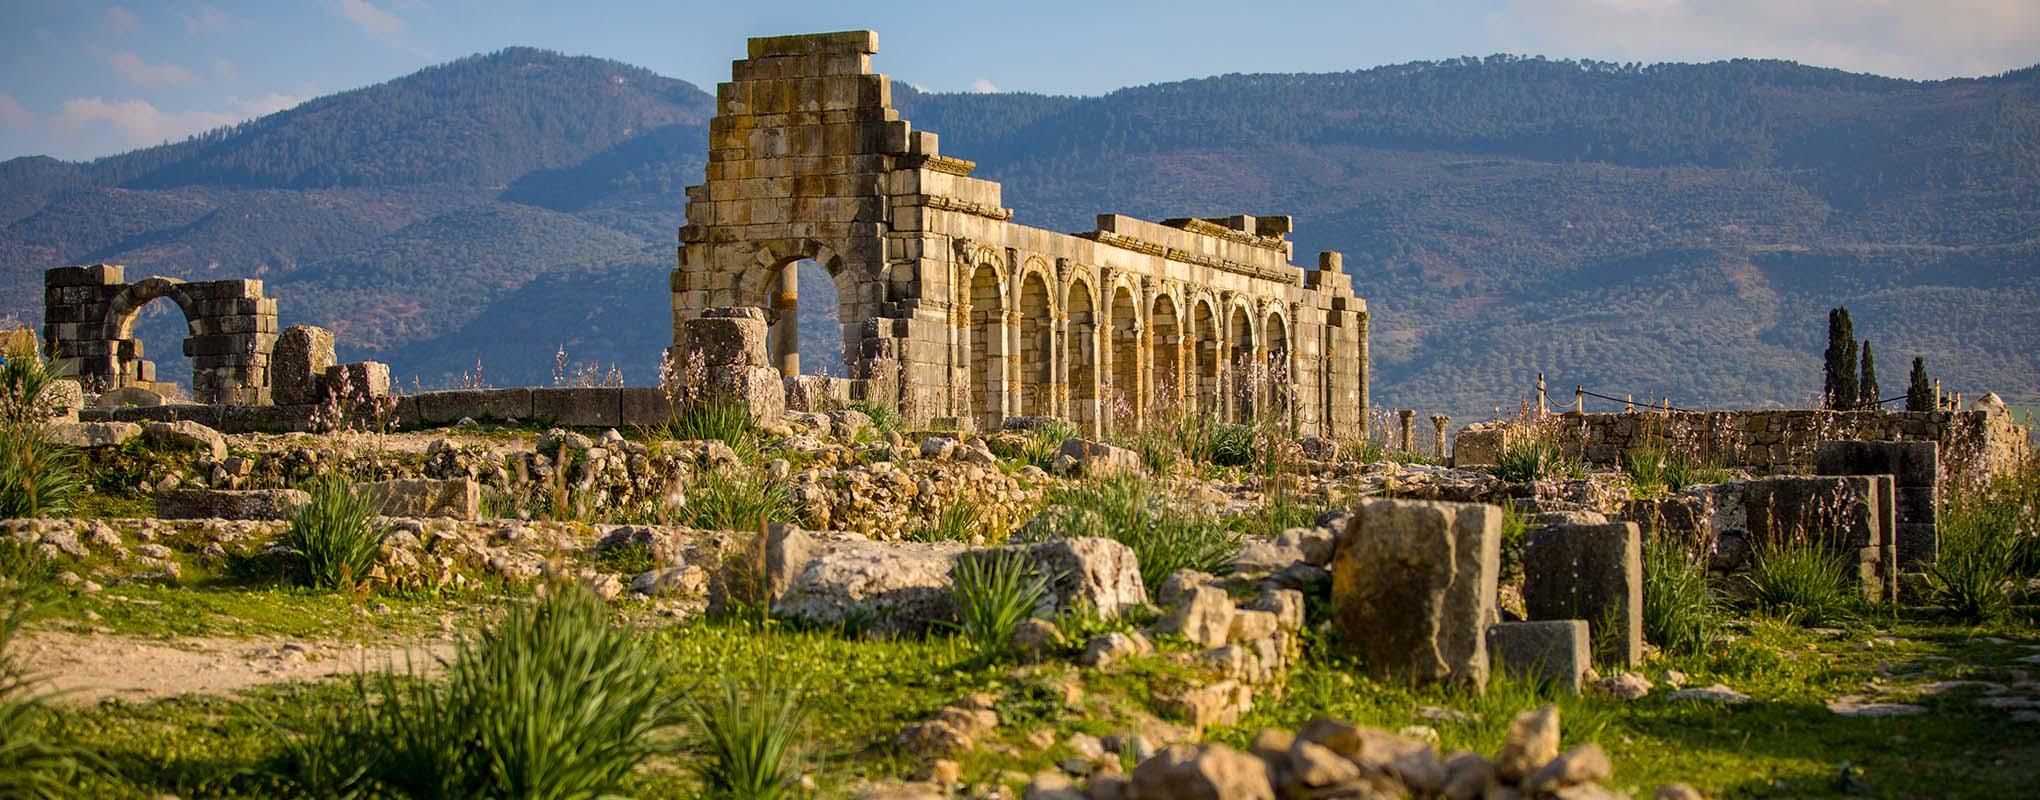 Volubilis ruinas arqueológicas